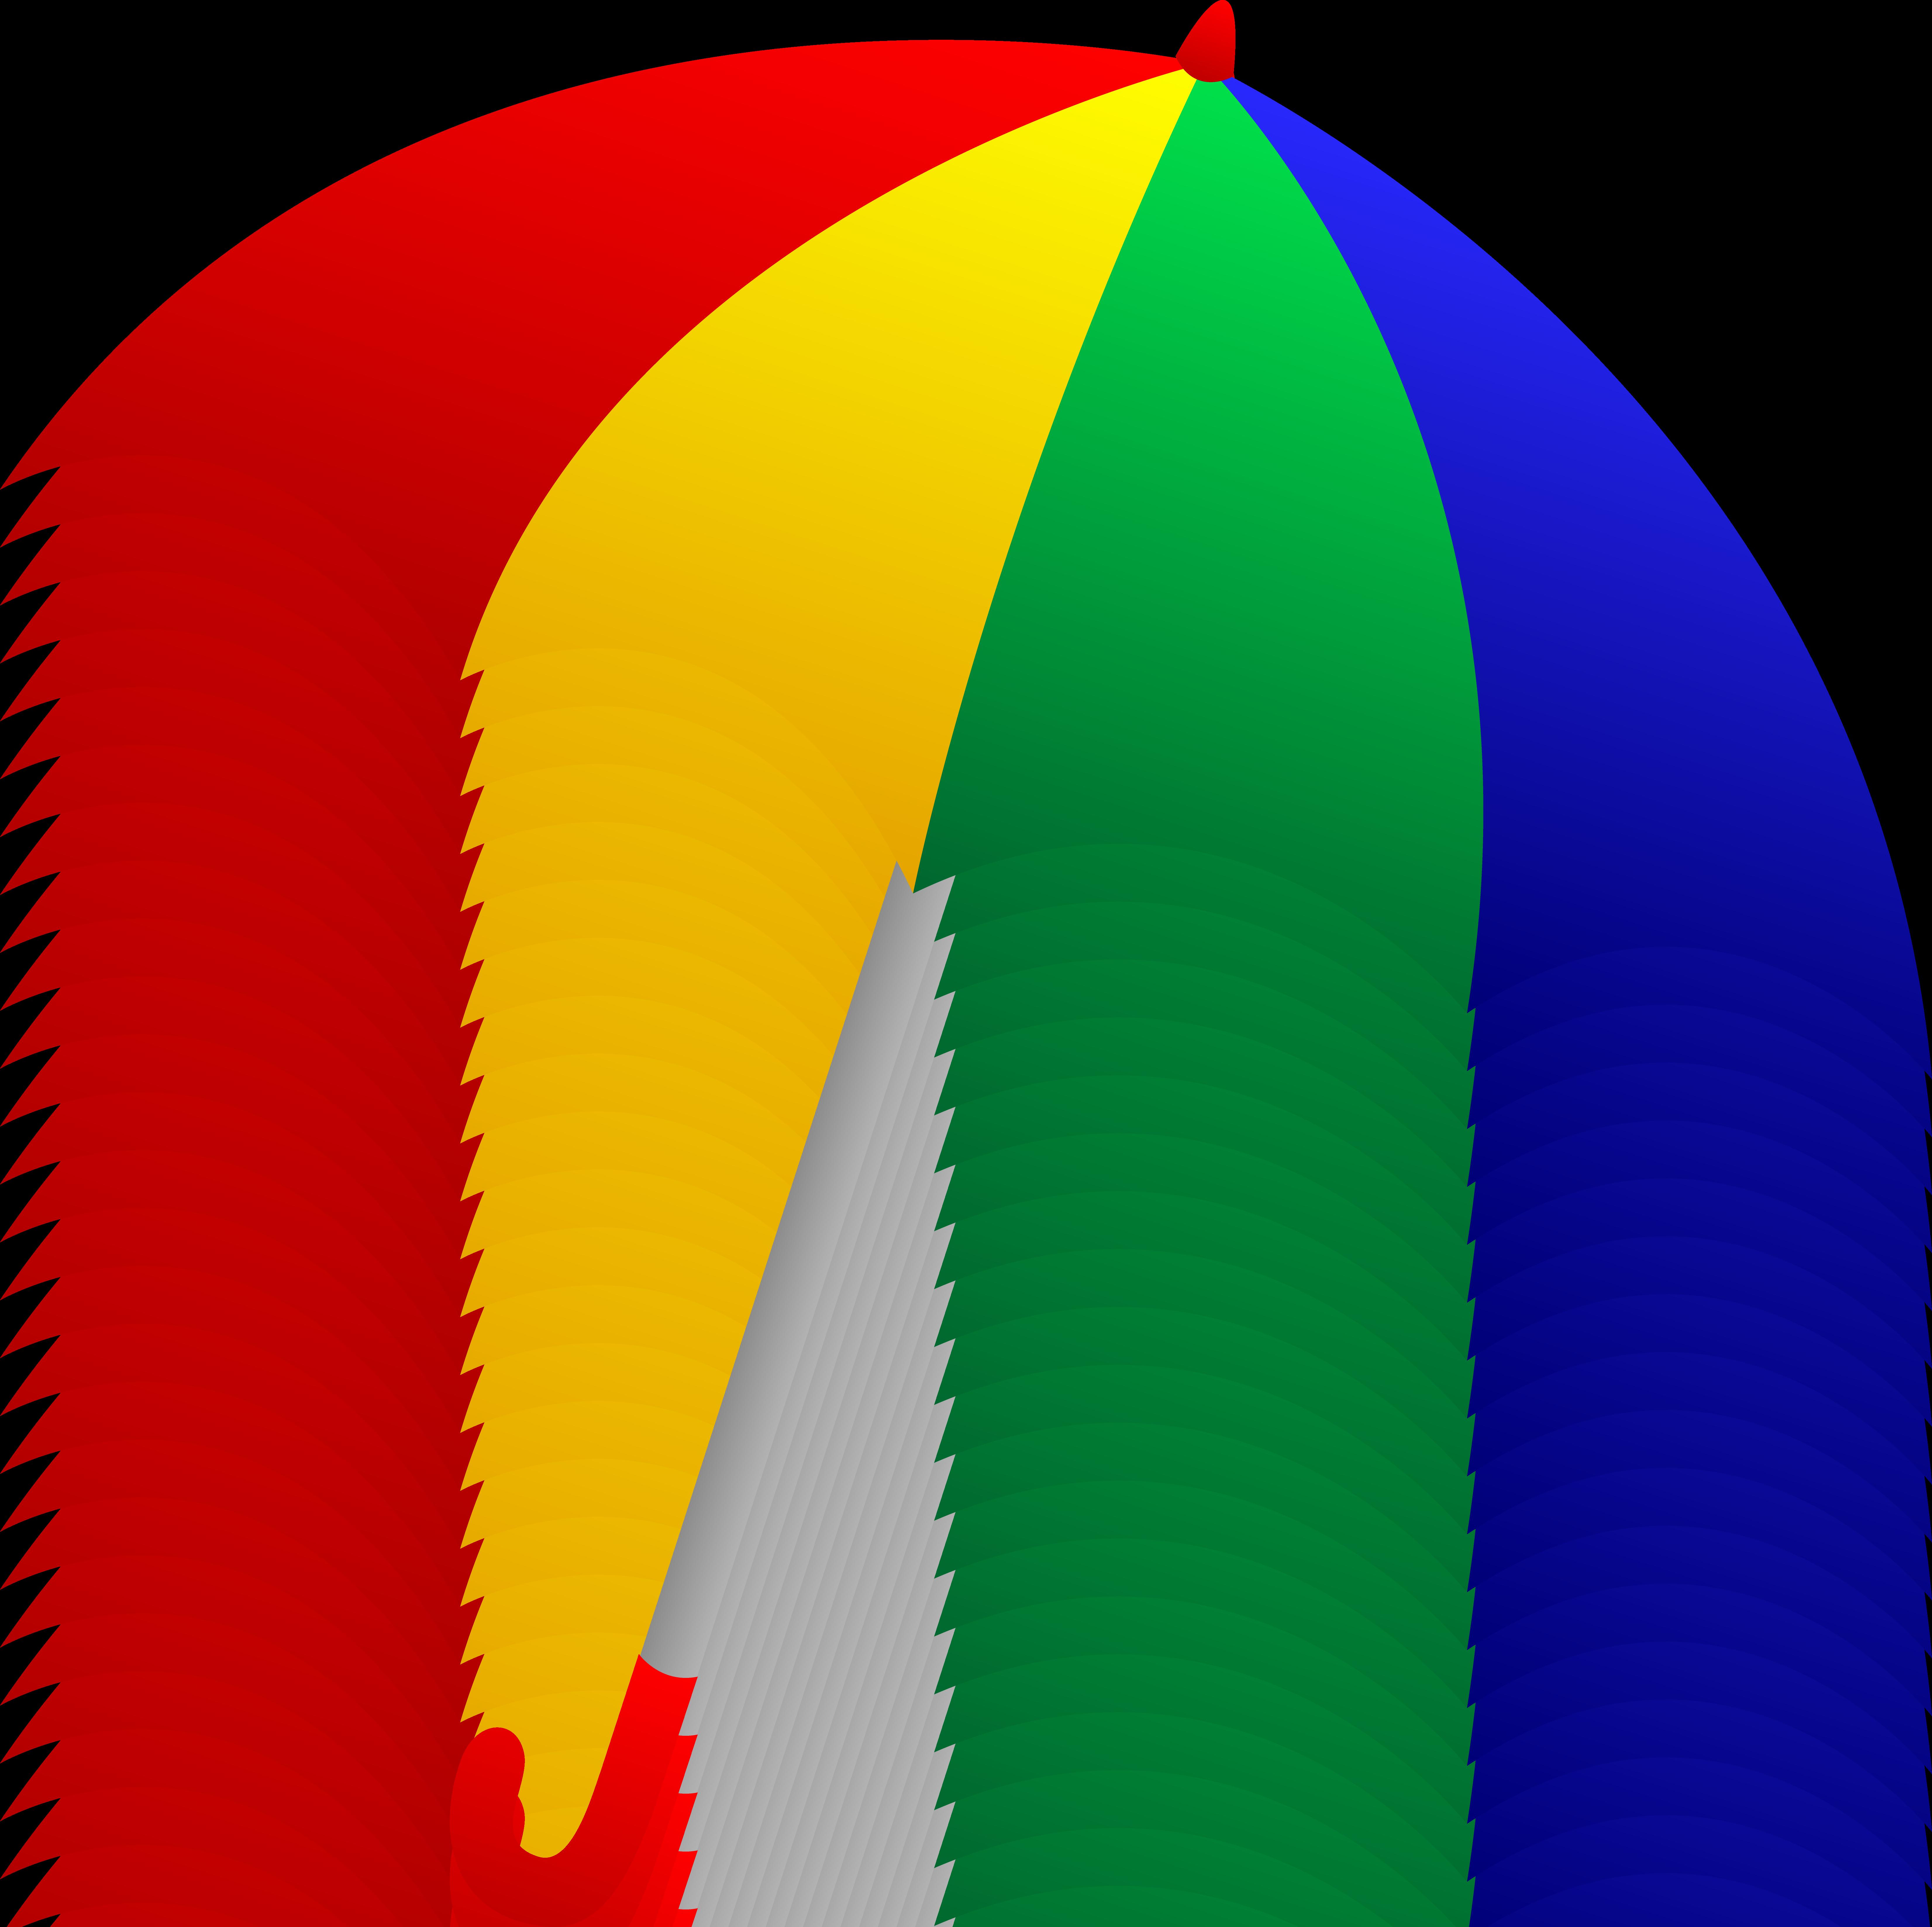 6607x6590 Red Umbrella Free Clip Art